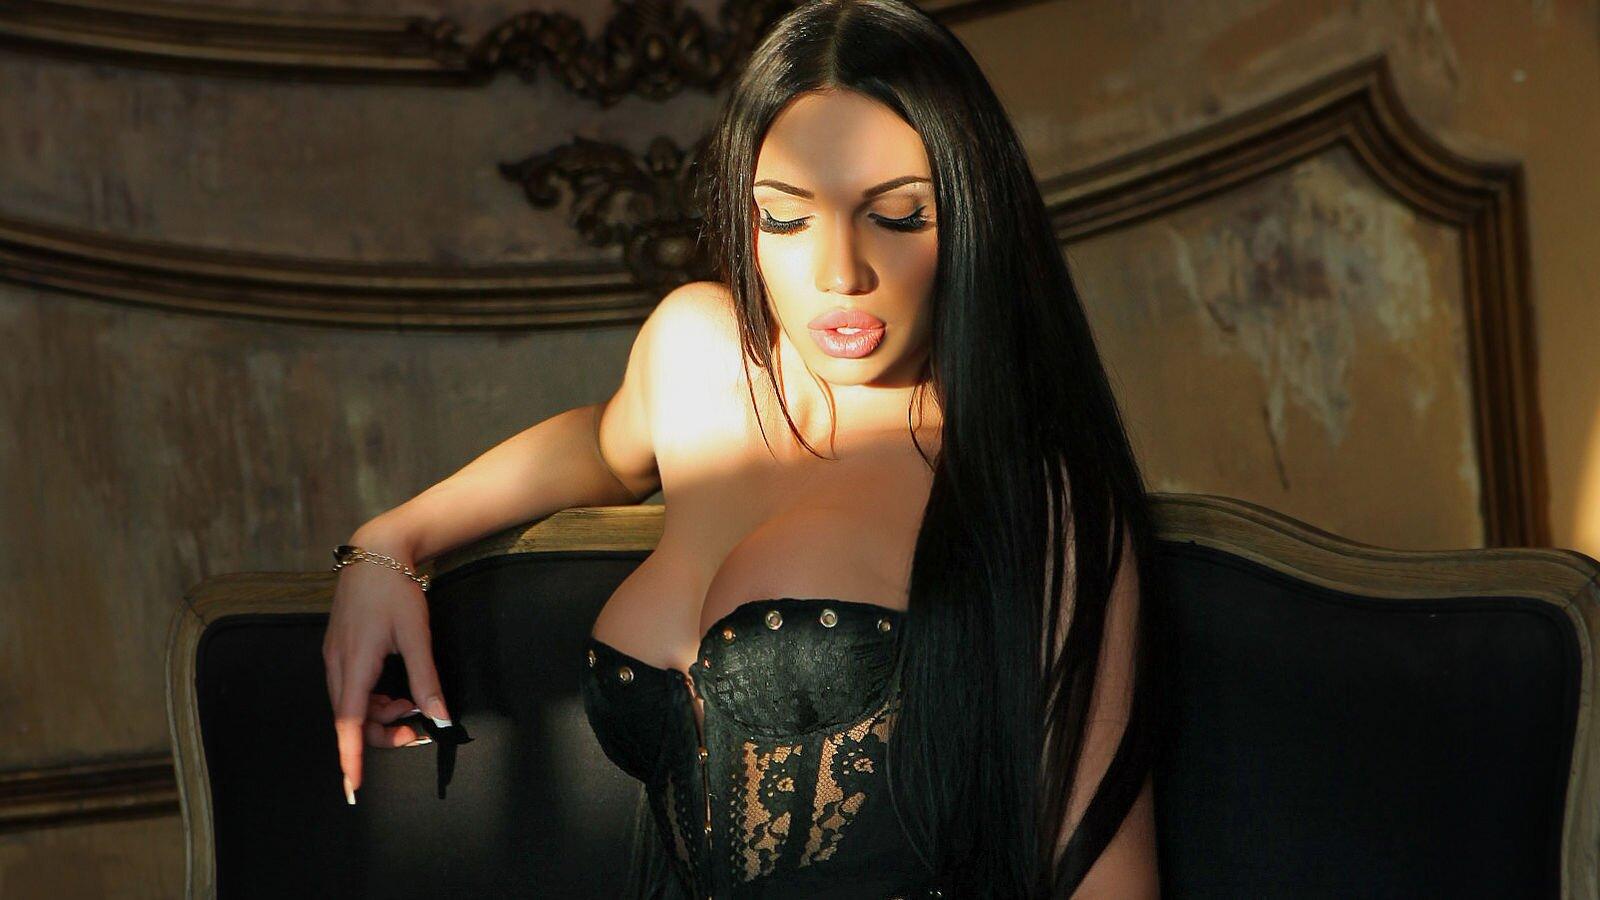 AngelinaAhromina